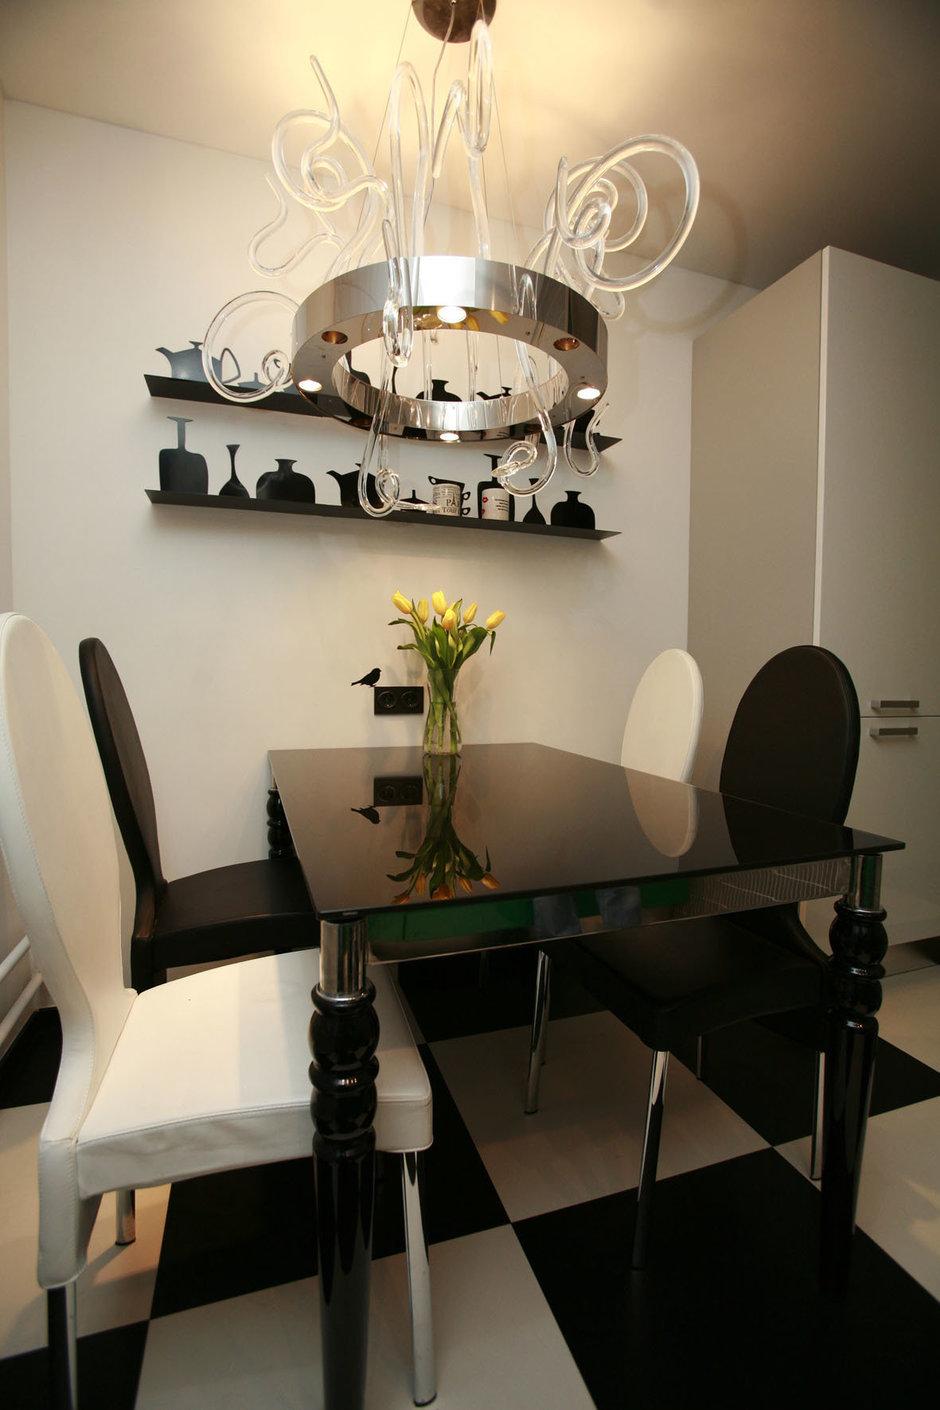 Фотография: Кухня и столовая в стиле Эклектика, Квартира, Дома и квартиры, Перепланировка, Ремонт – фото на InMyRoom.ru